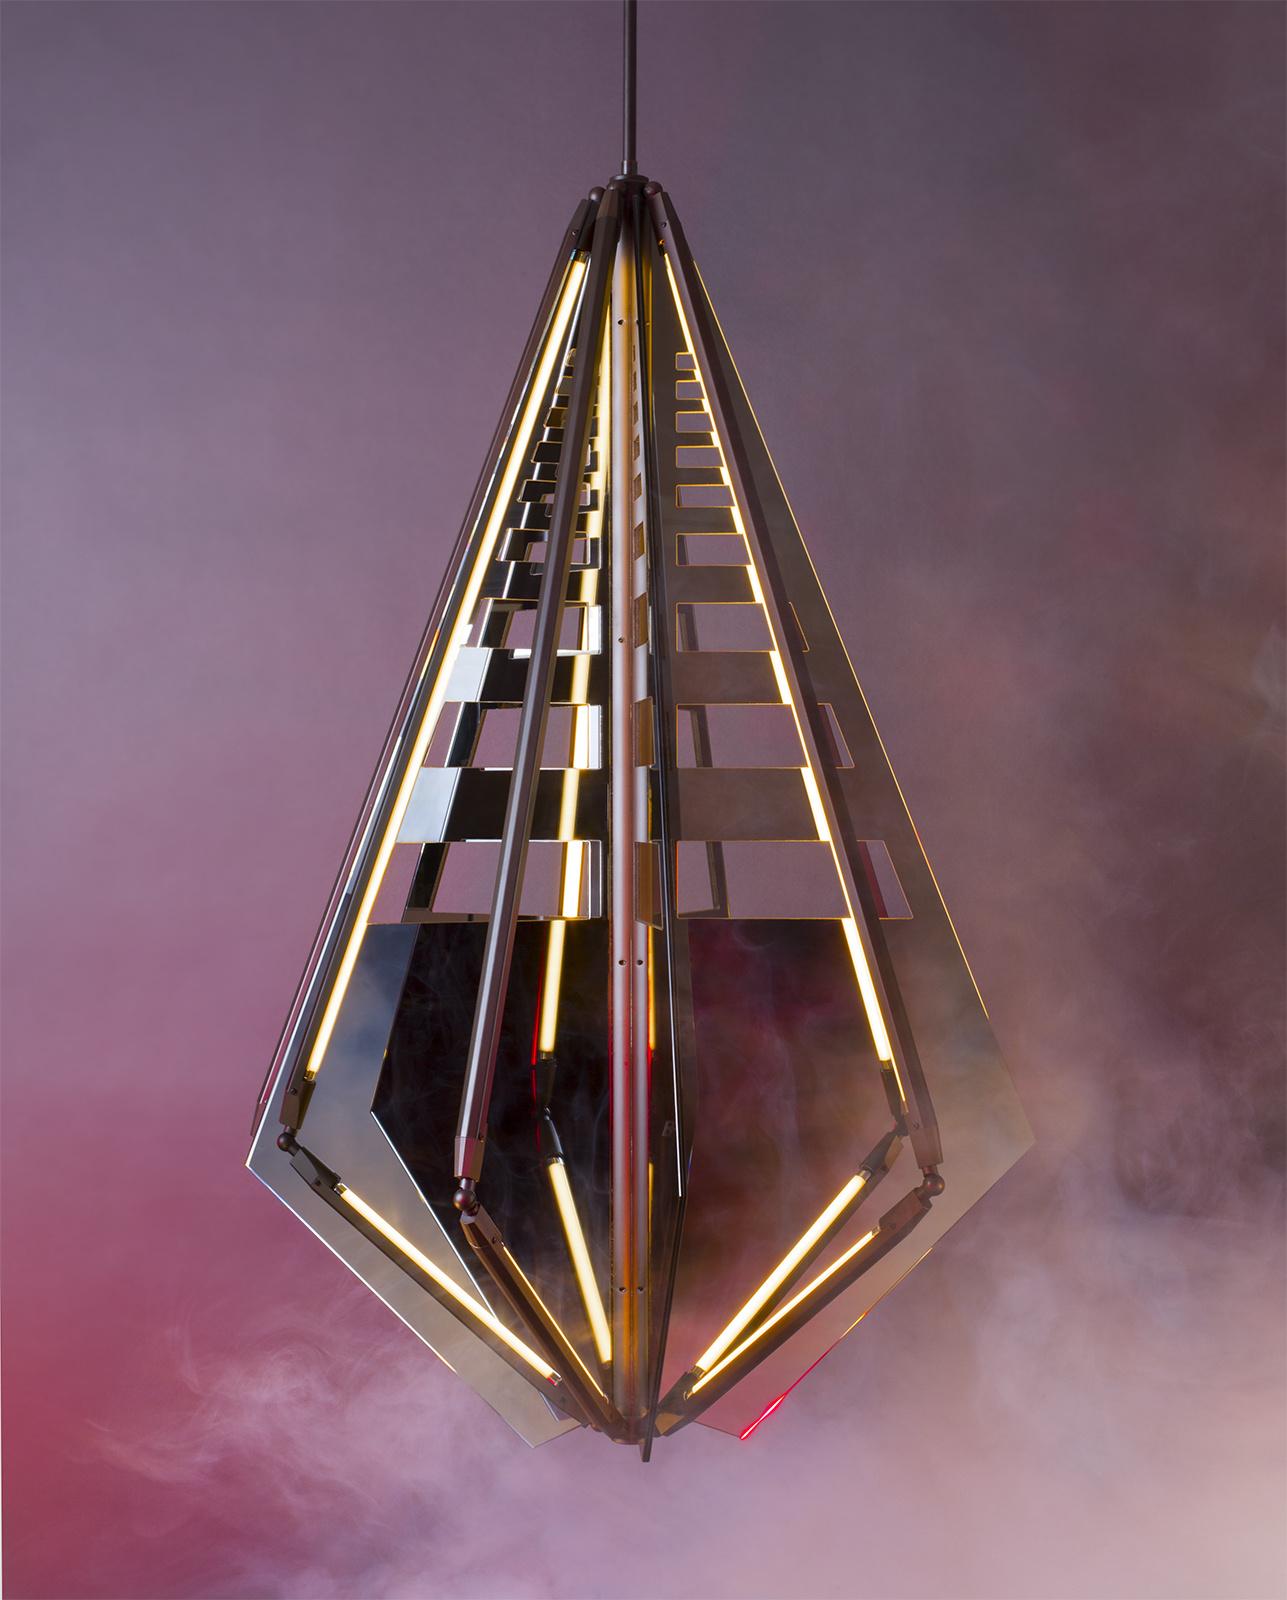 Sculptural Lighting / Bec Brittain (1)